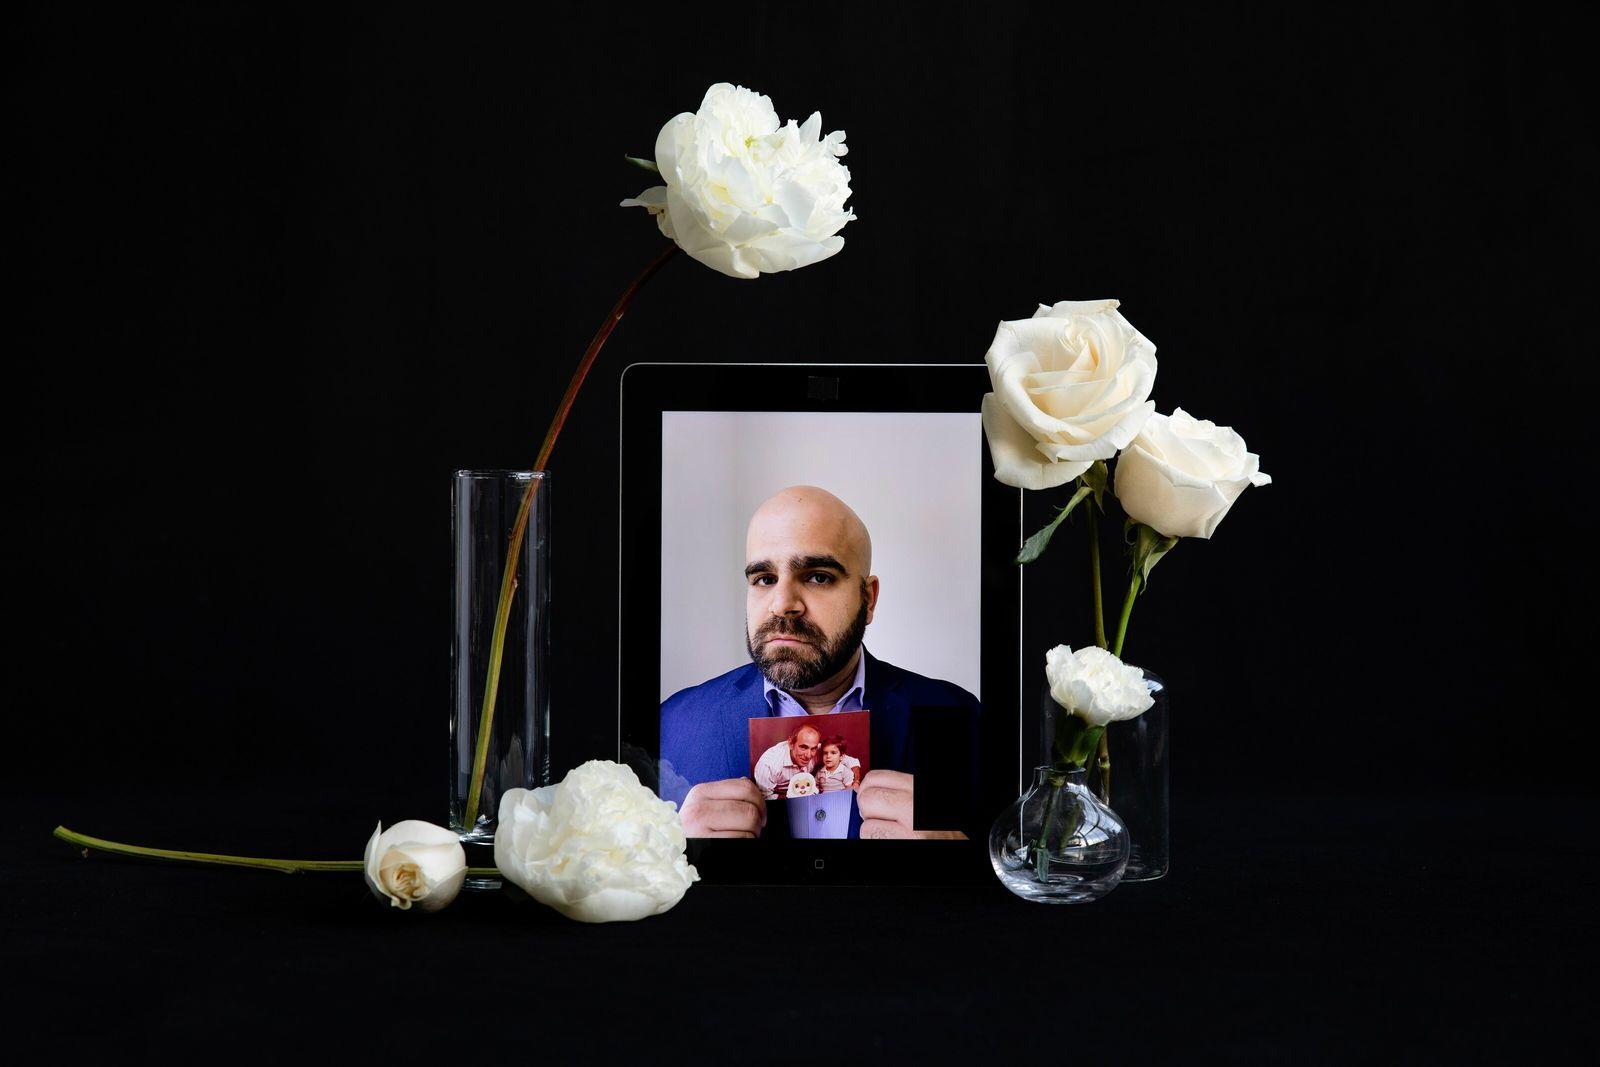 Marco Reyes con una fotografía de su padre, José Reyes